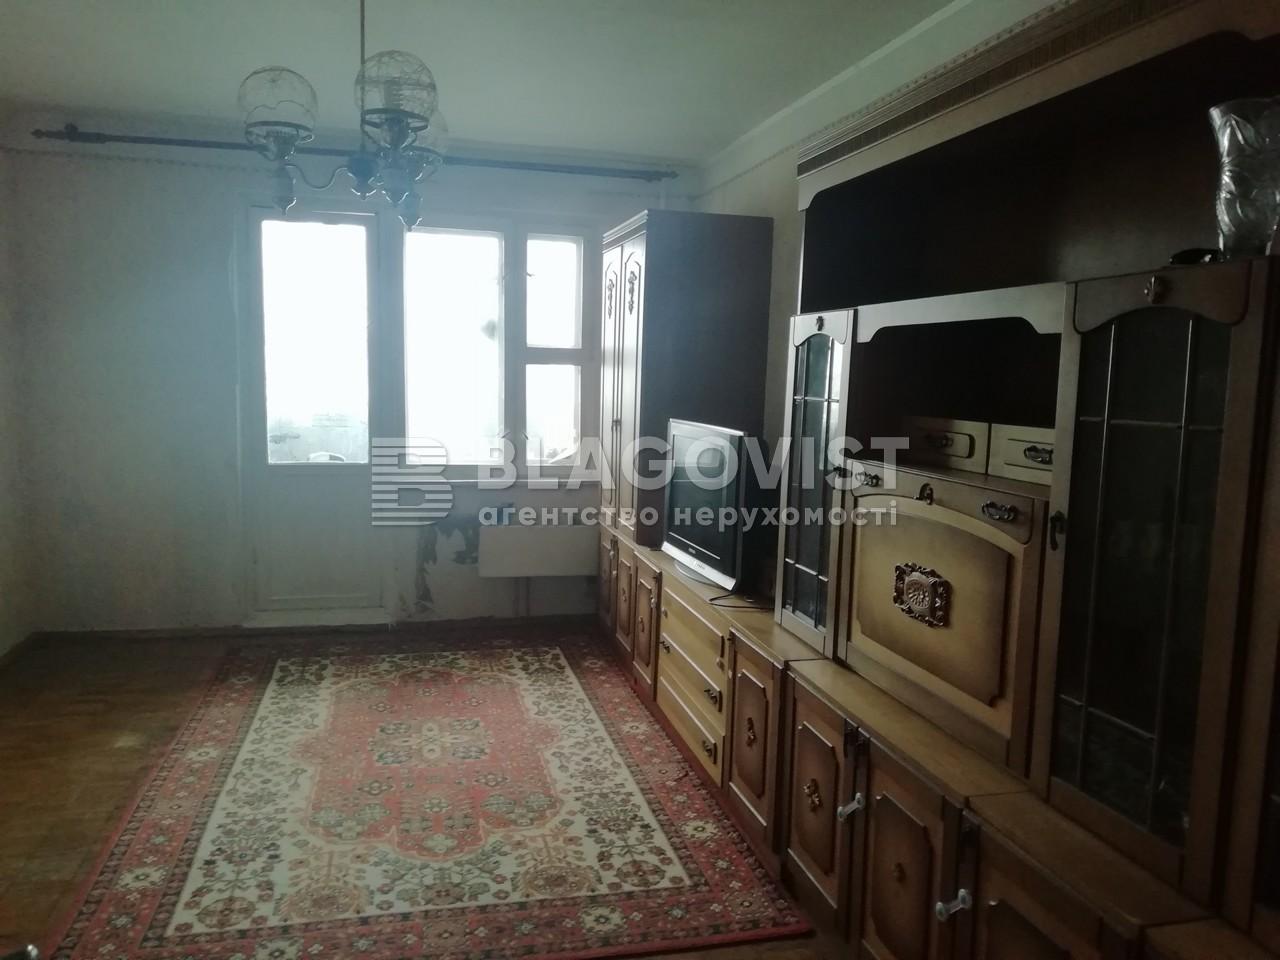 Квартира A-112604, Оболонский просп., 38, Киев - Фото 5